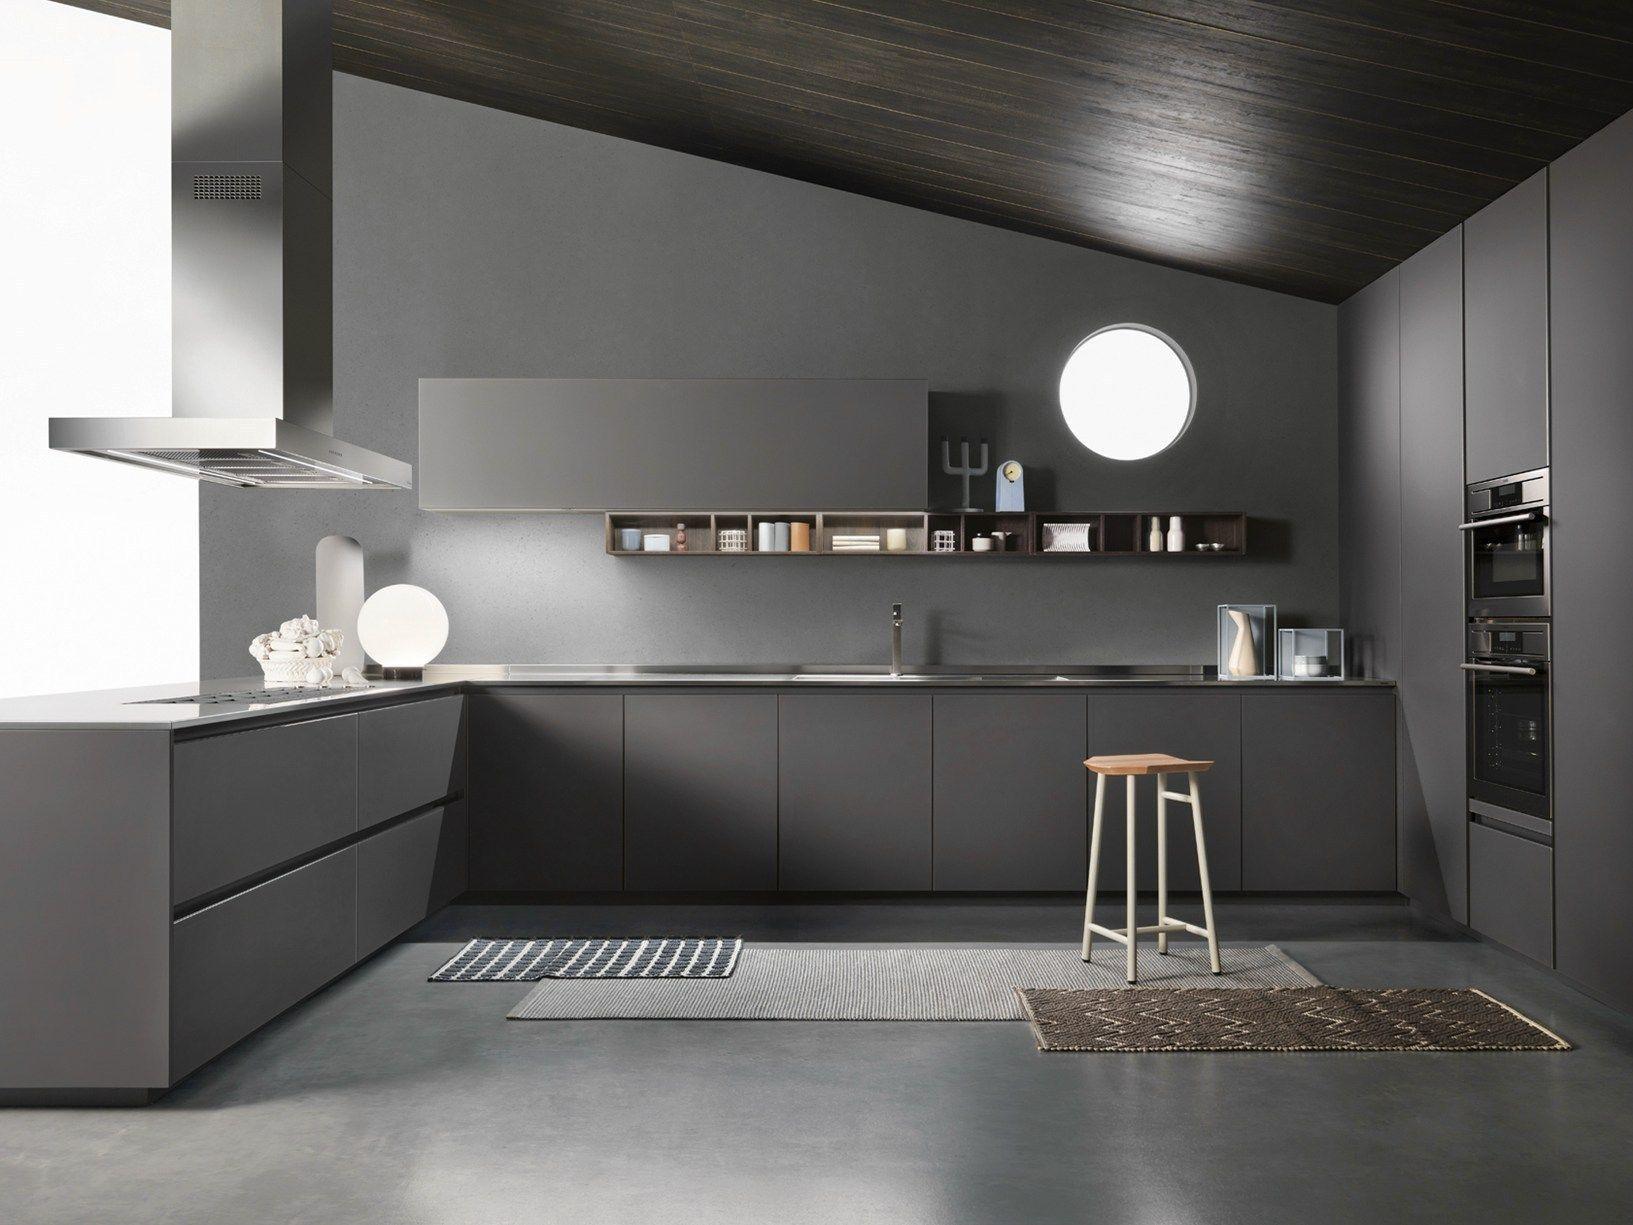 Contrasti cromatici e formali per una cucina calda e accogliente - Cucina ernestomeda prezzi ...